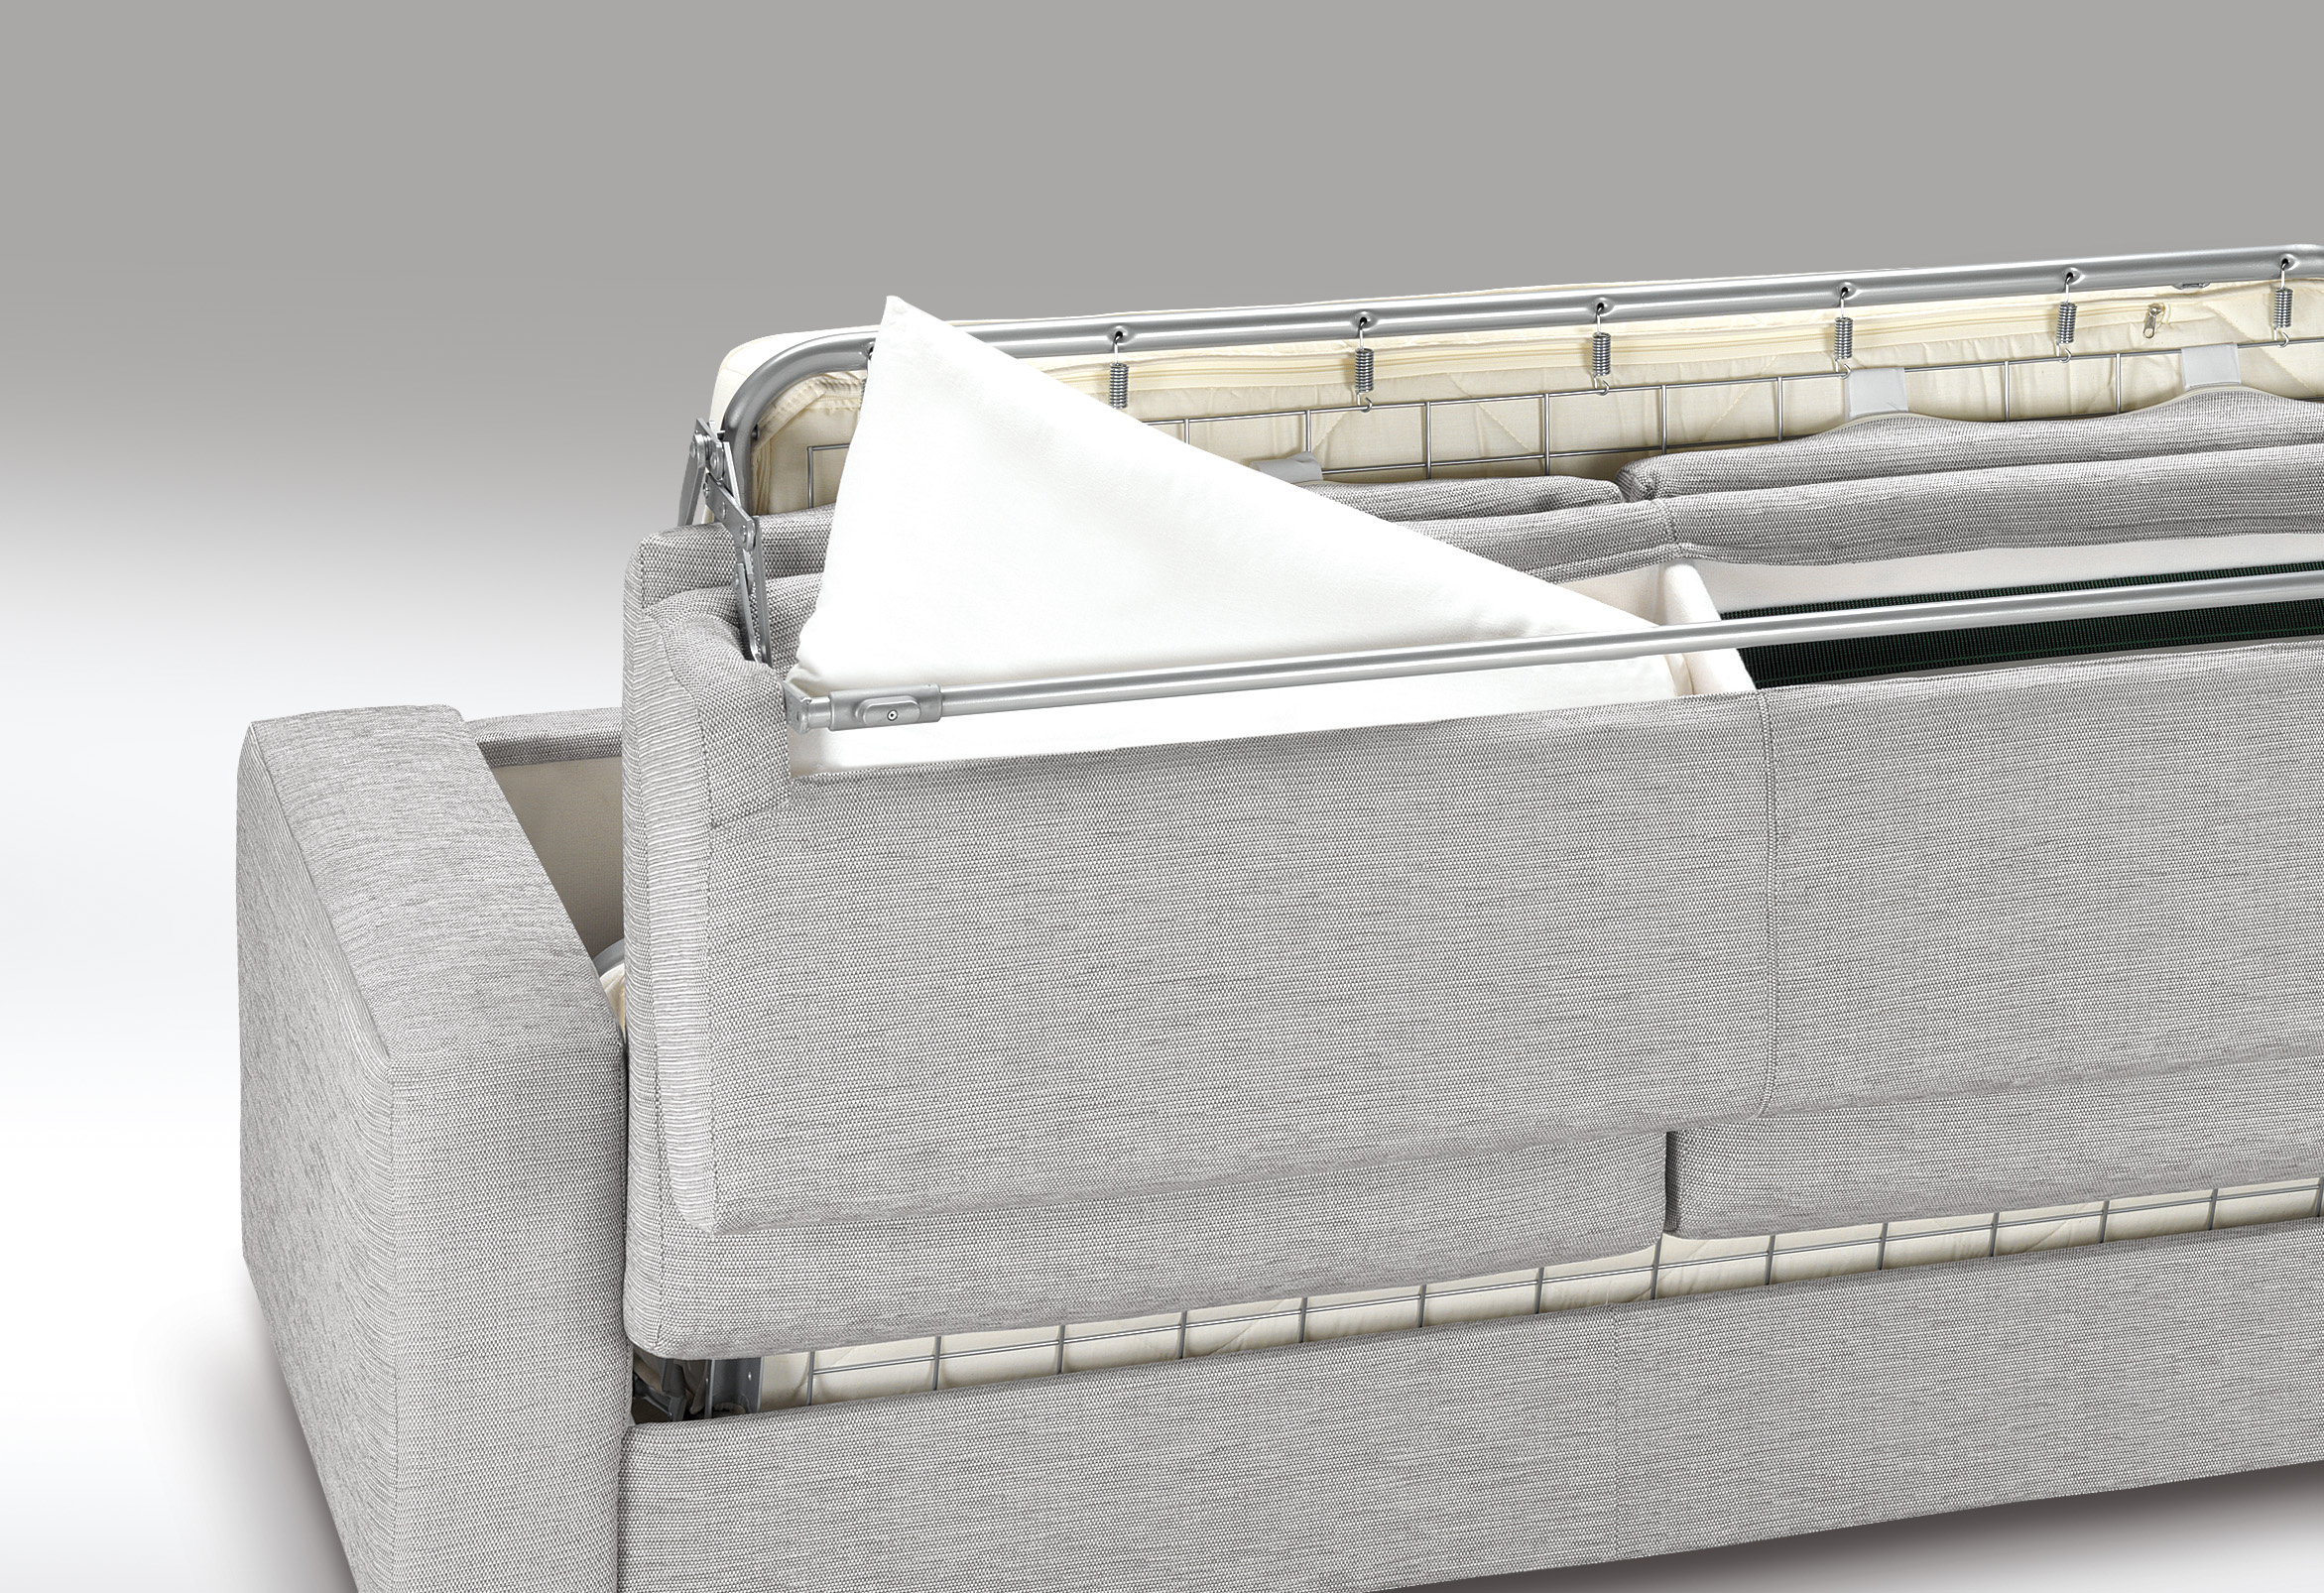 Canap convertible en tissu roma for Recouvrir un canape en tissu